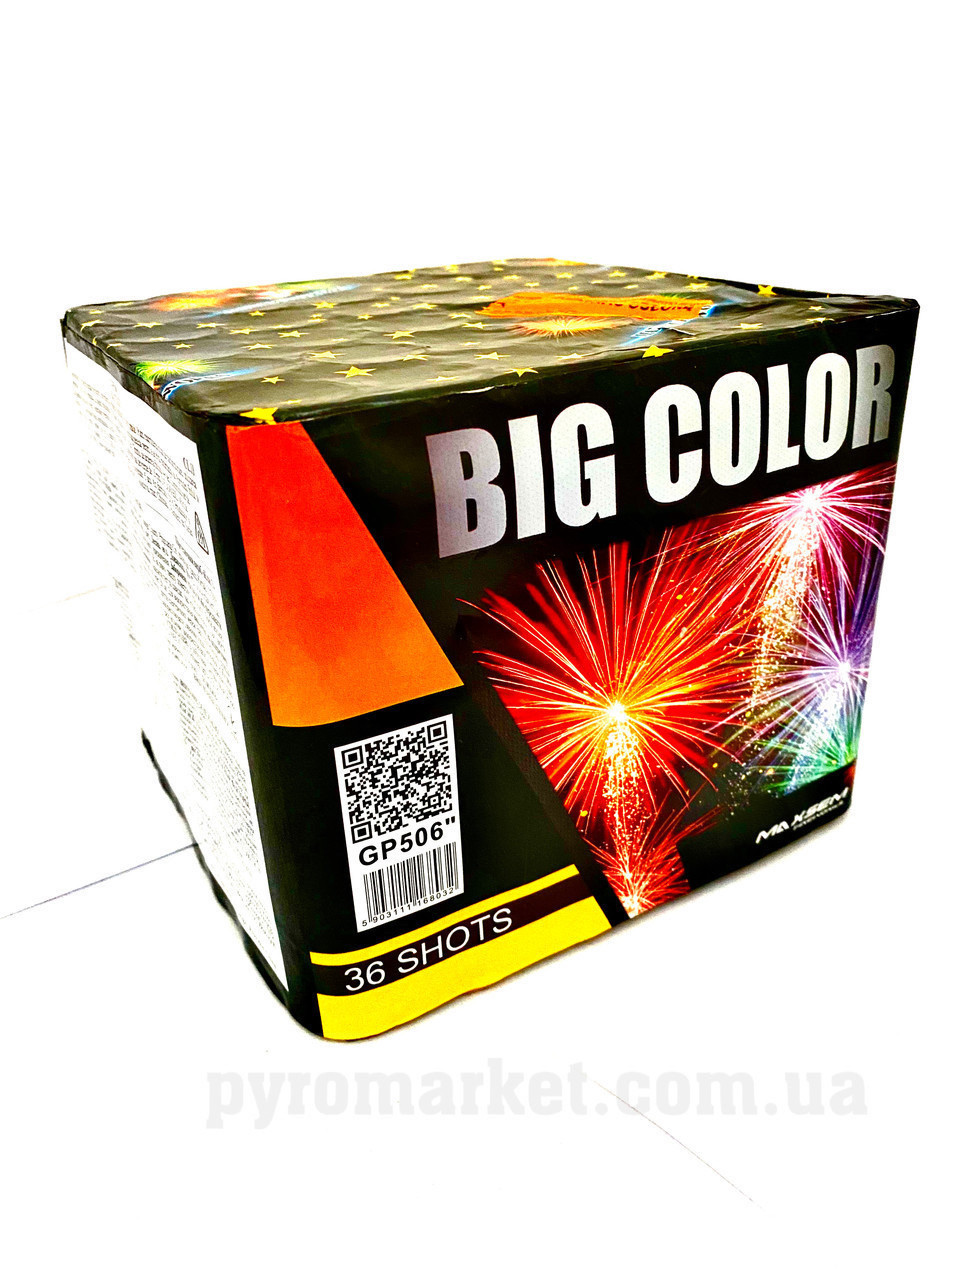 Салют Big Color Maxsem GP506-36, 36 выстрелов 25 мм